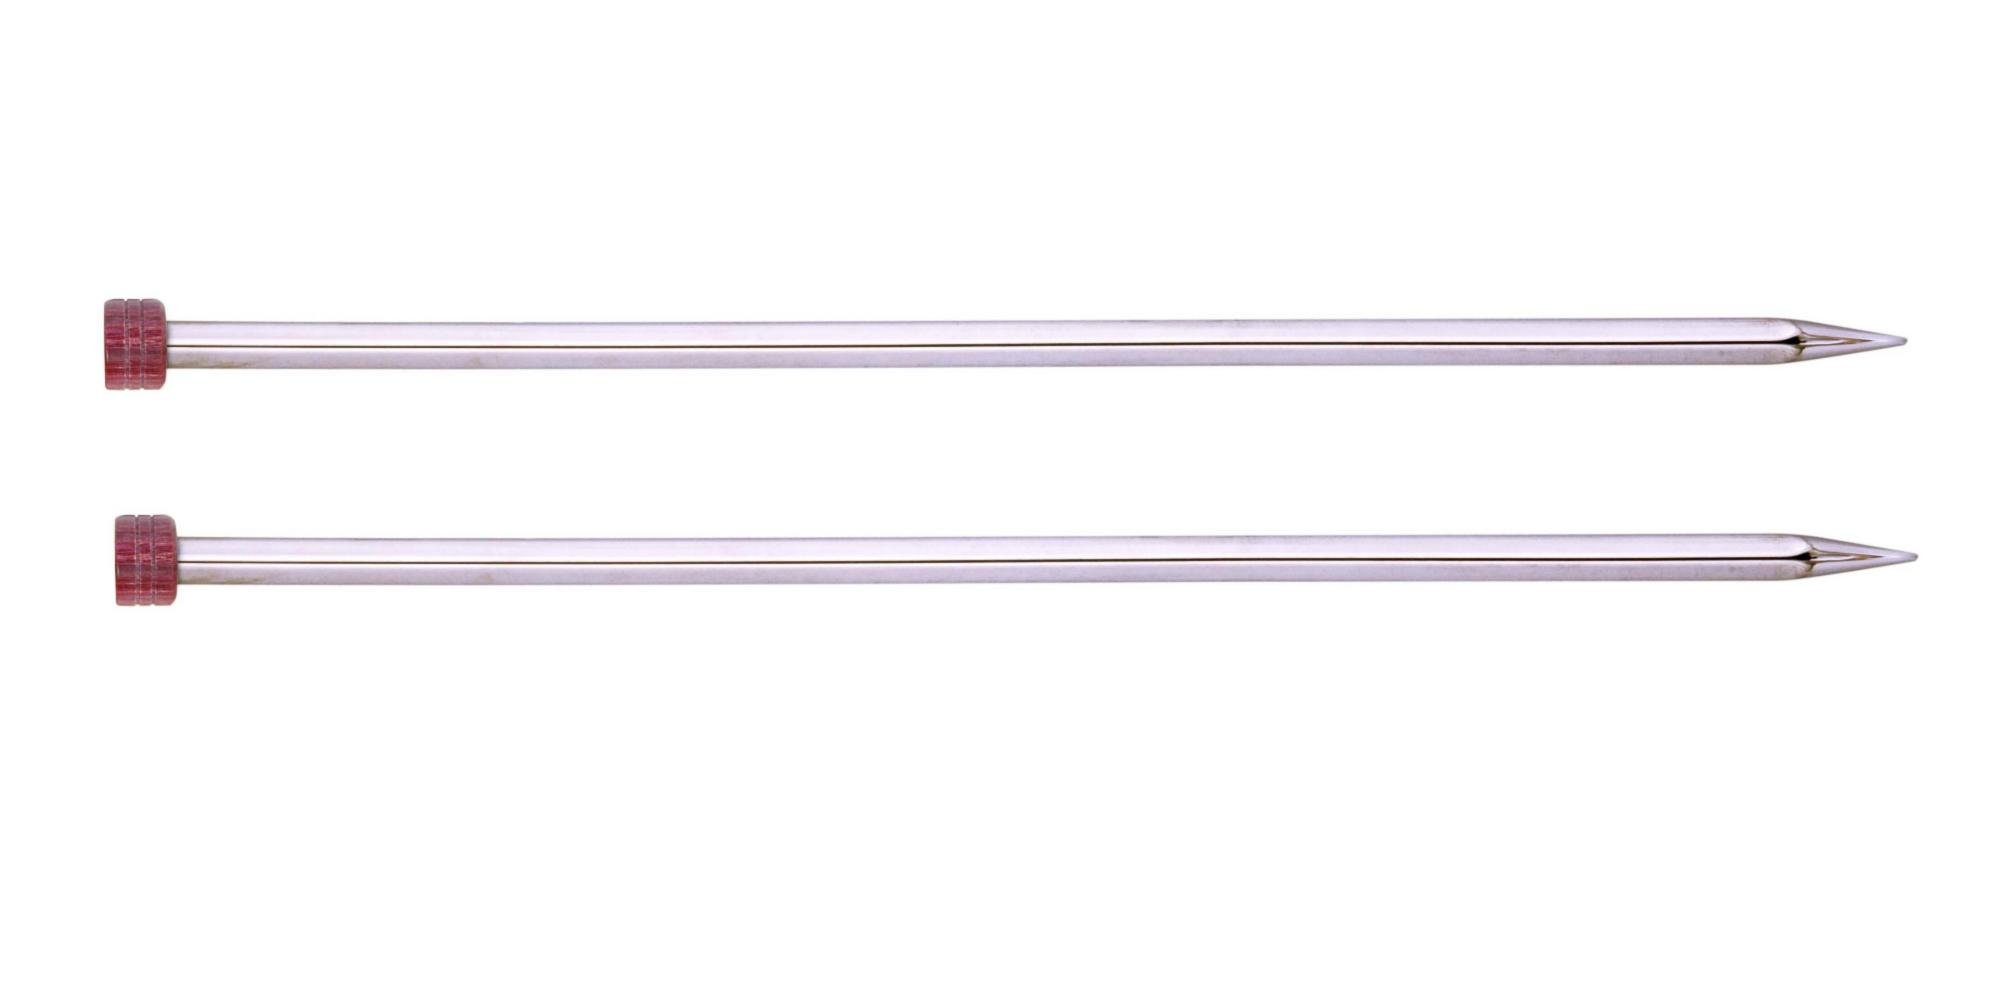 Спицы прямые 35 см Nova Cubics KnitPro, 12301, 6.00 мм